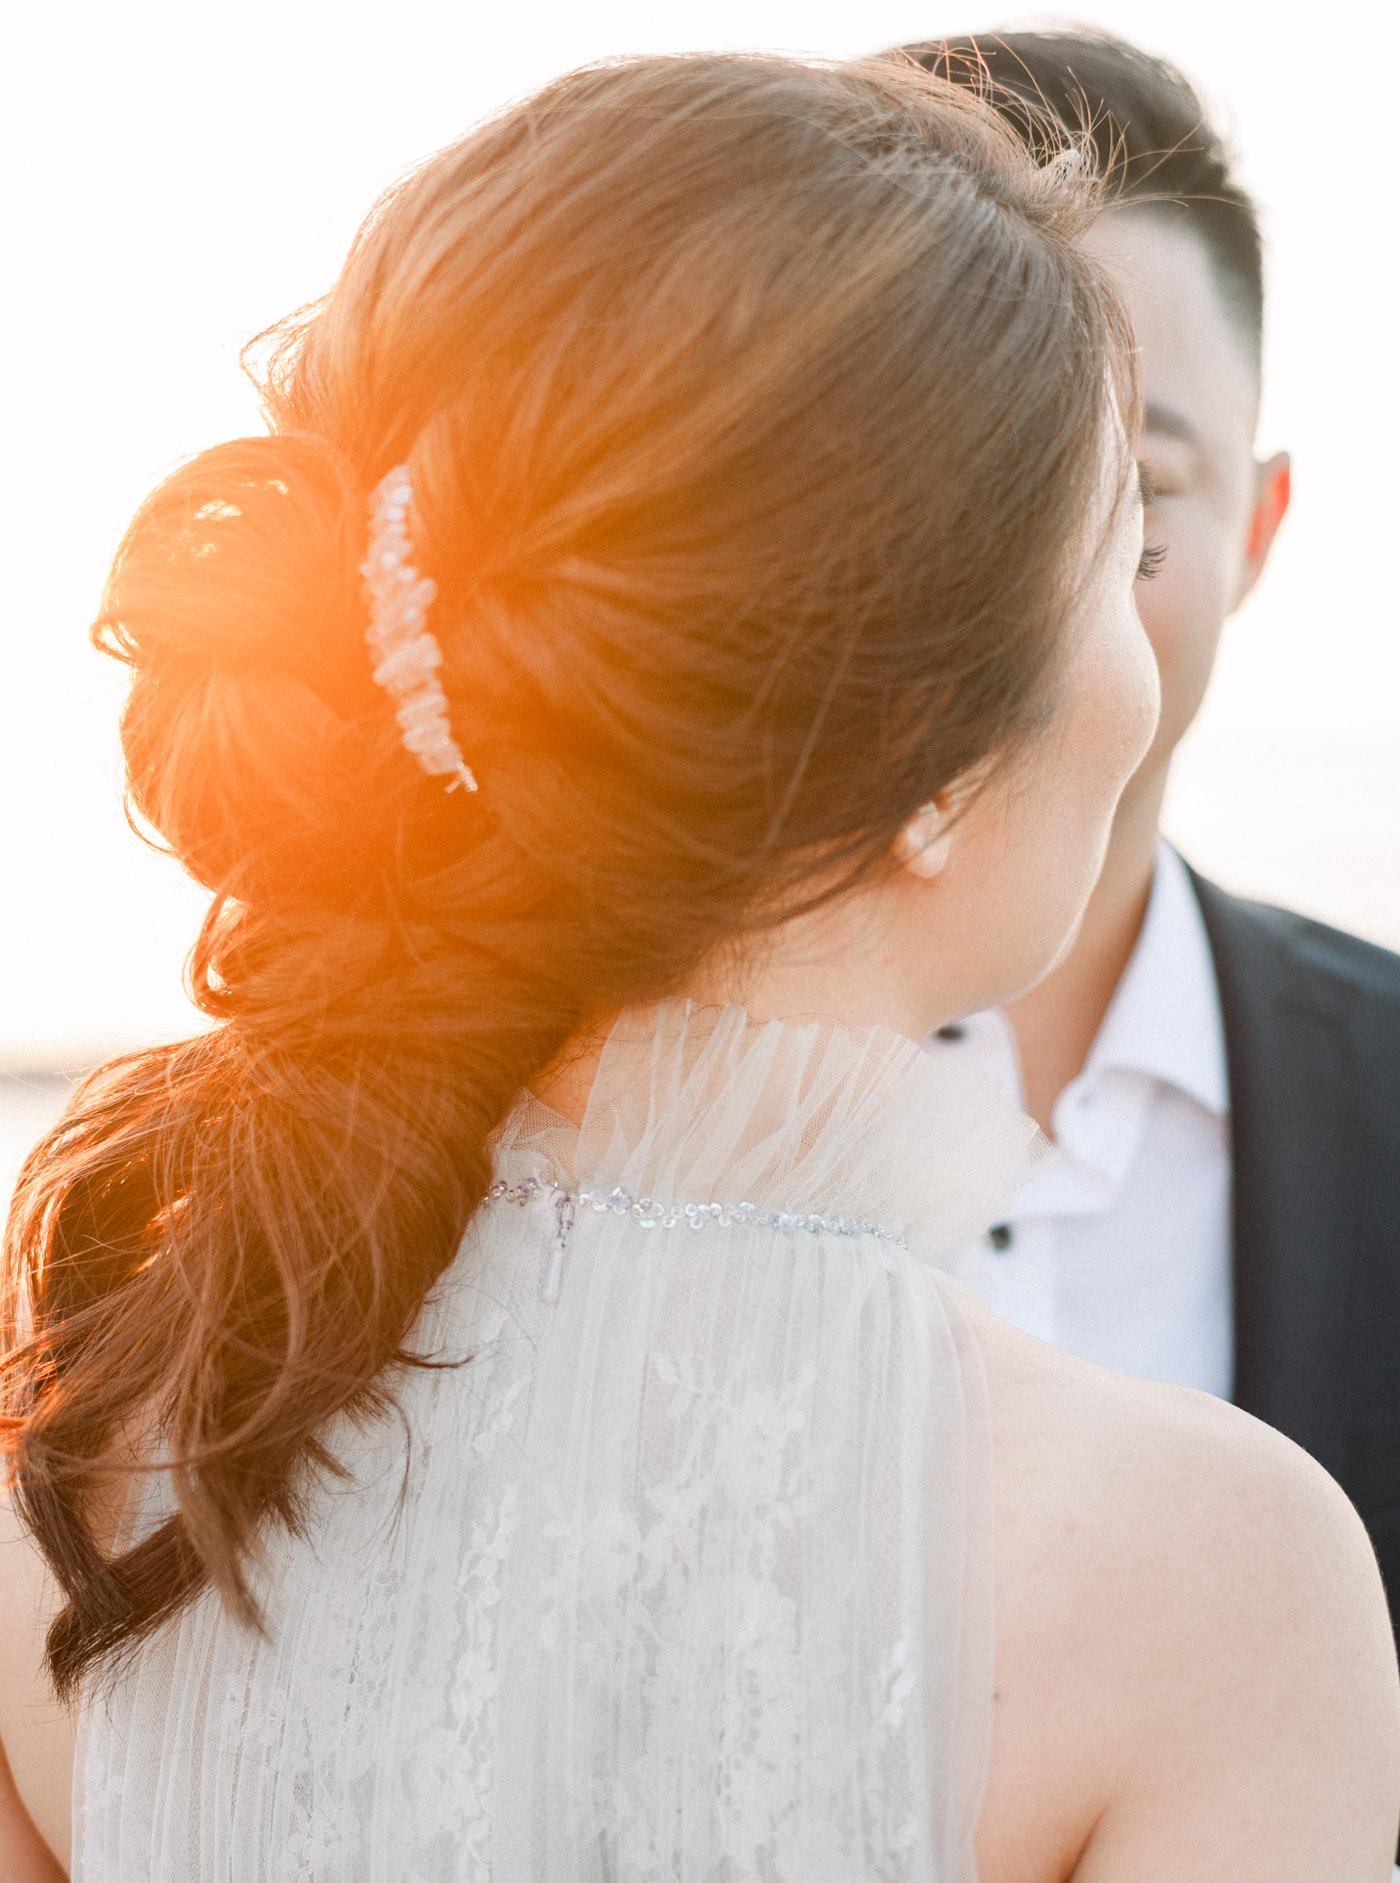 沙灘婚紗-STAGE-底片-Mark-夕陽-唯諾禮服-美式婚紗